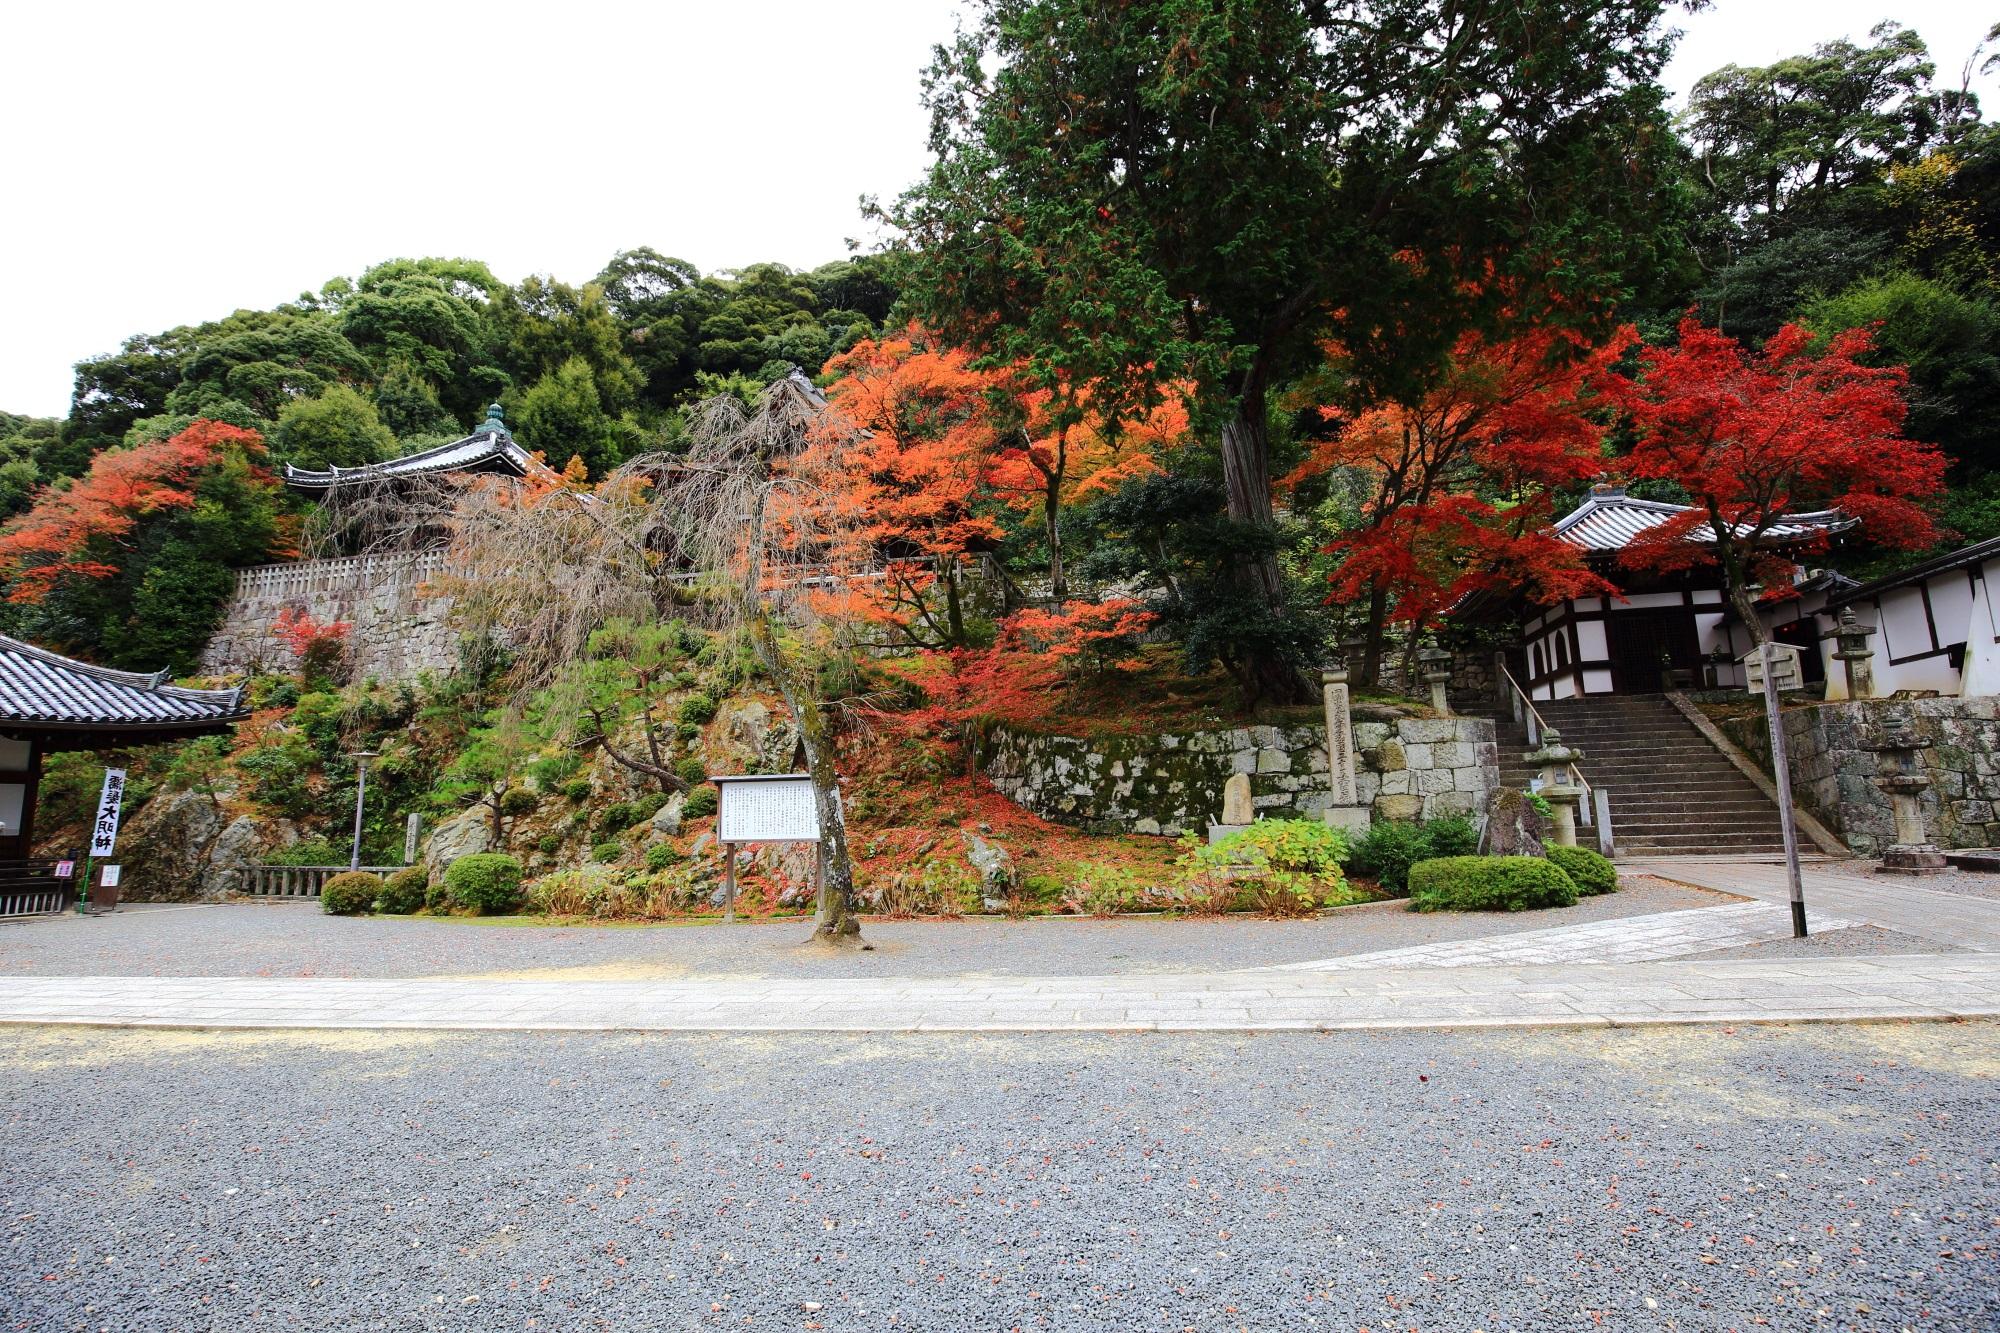 石段の先で待つ隠れた紅葉